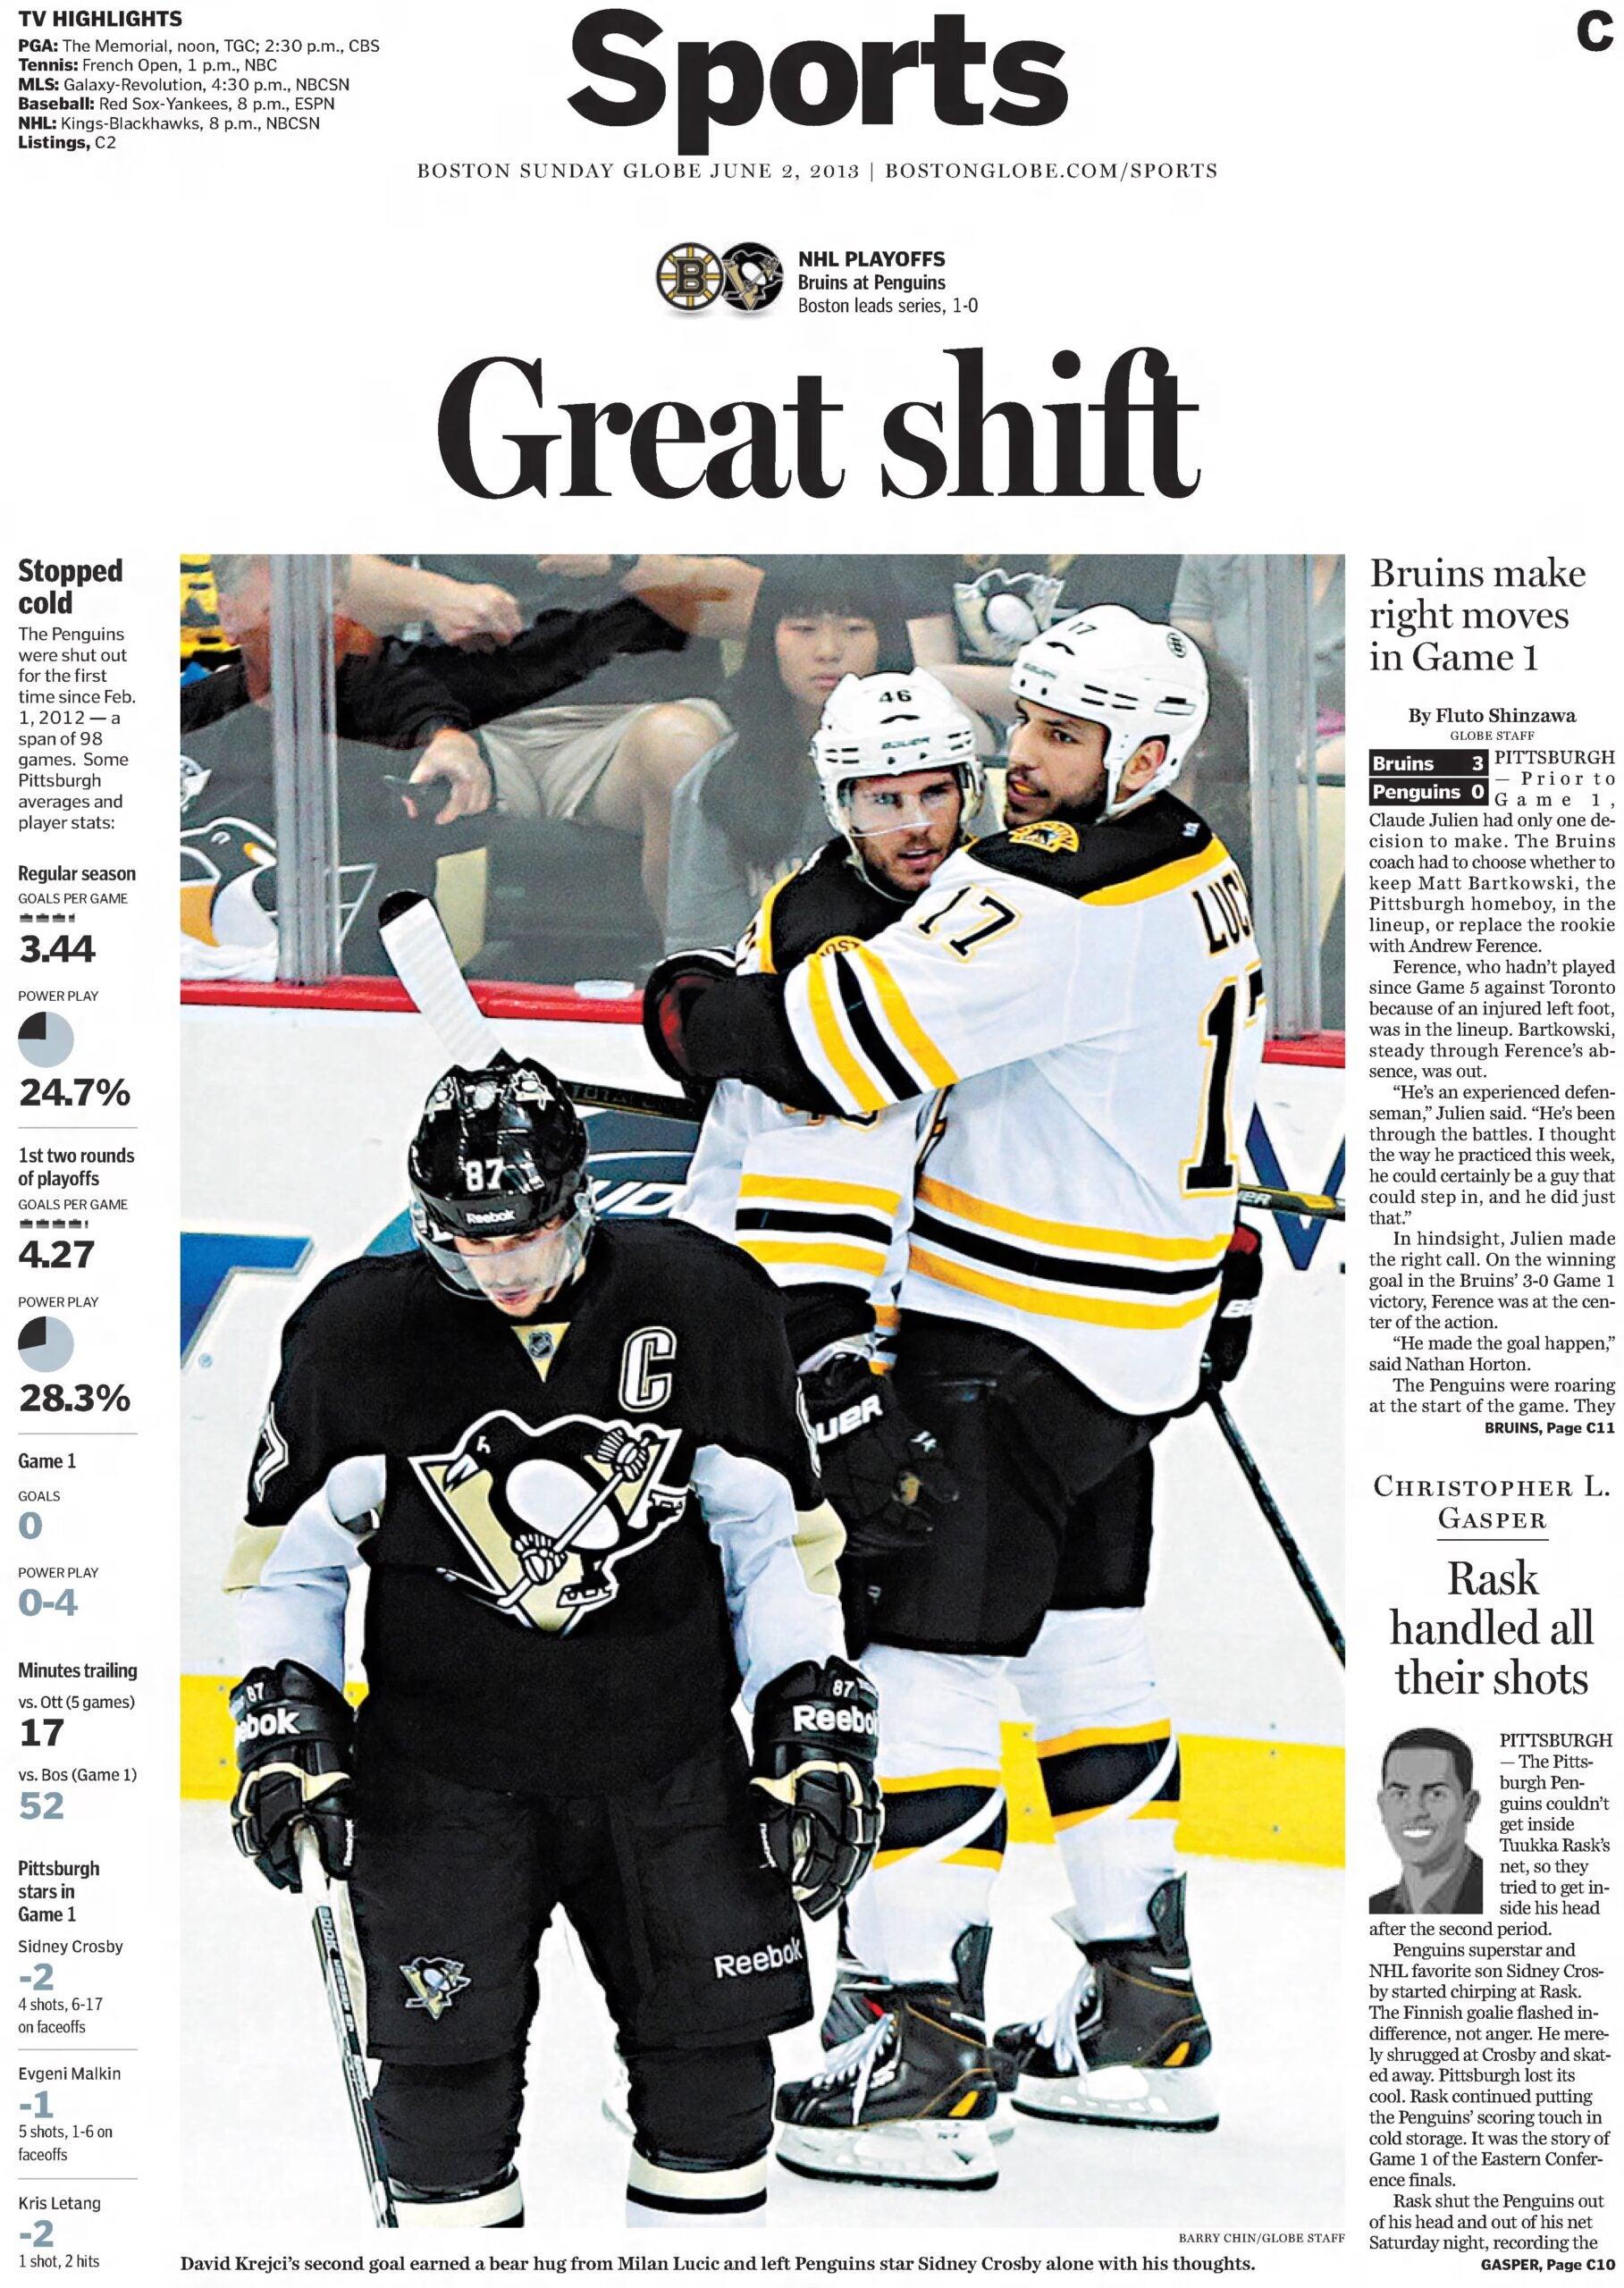 2013 Bruins Penguins Boston Globe